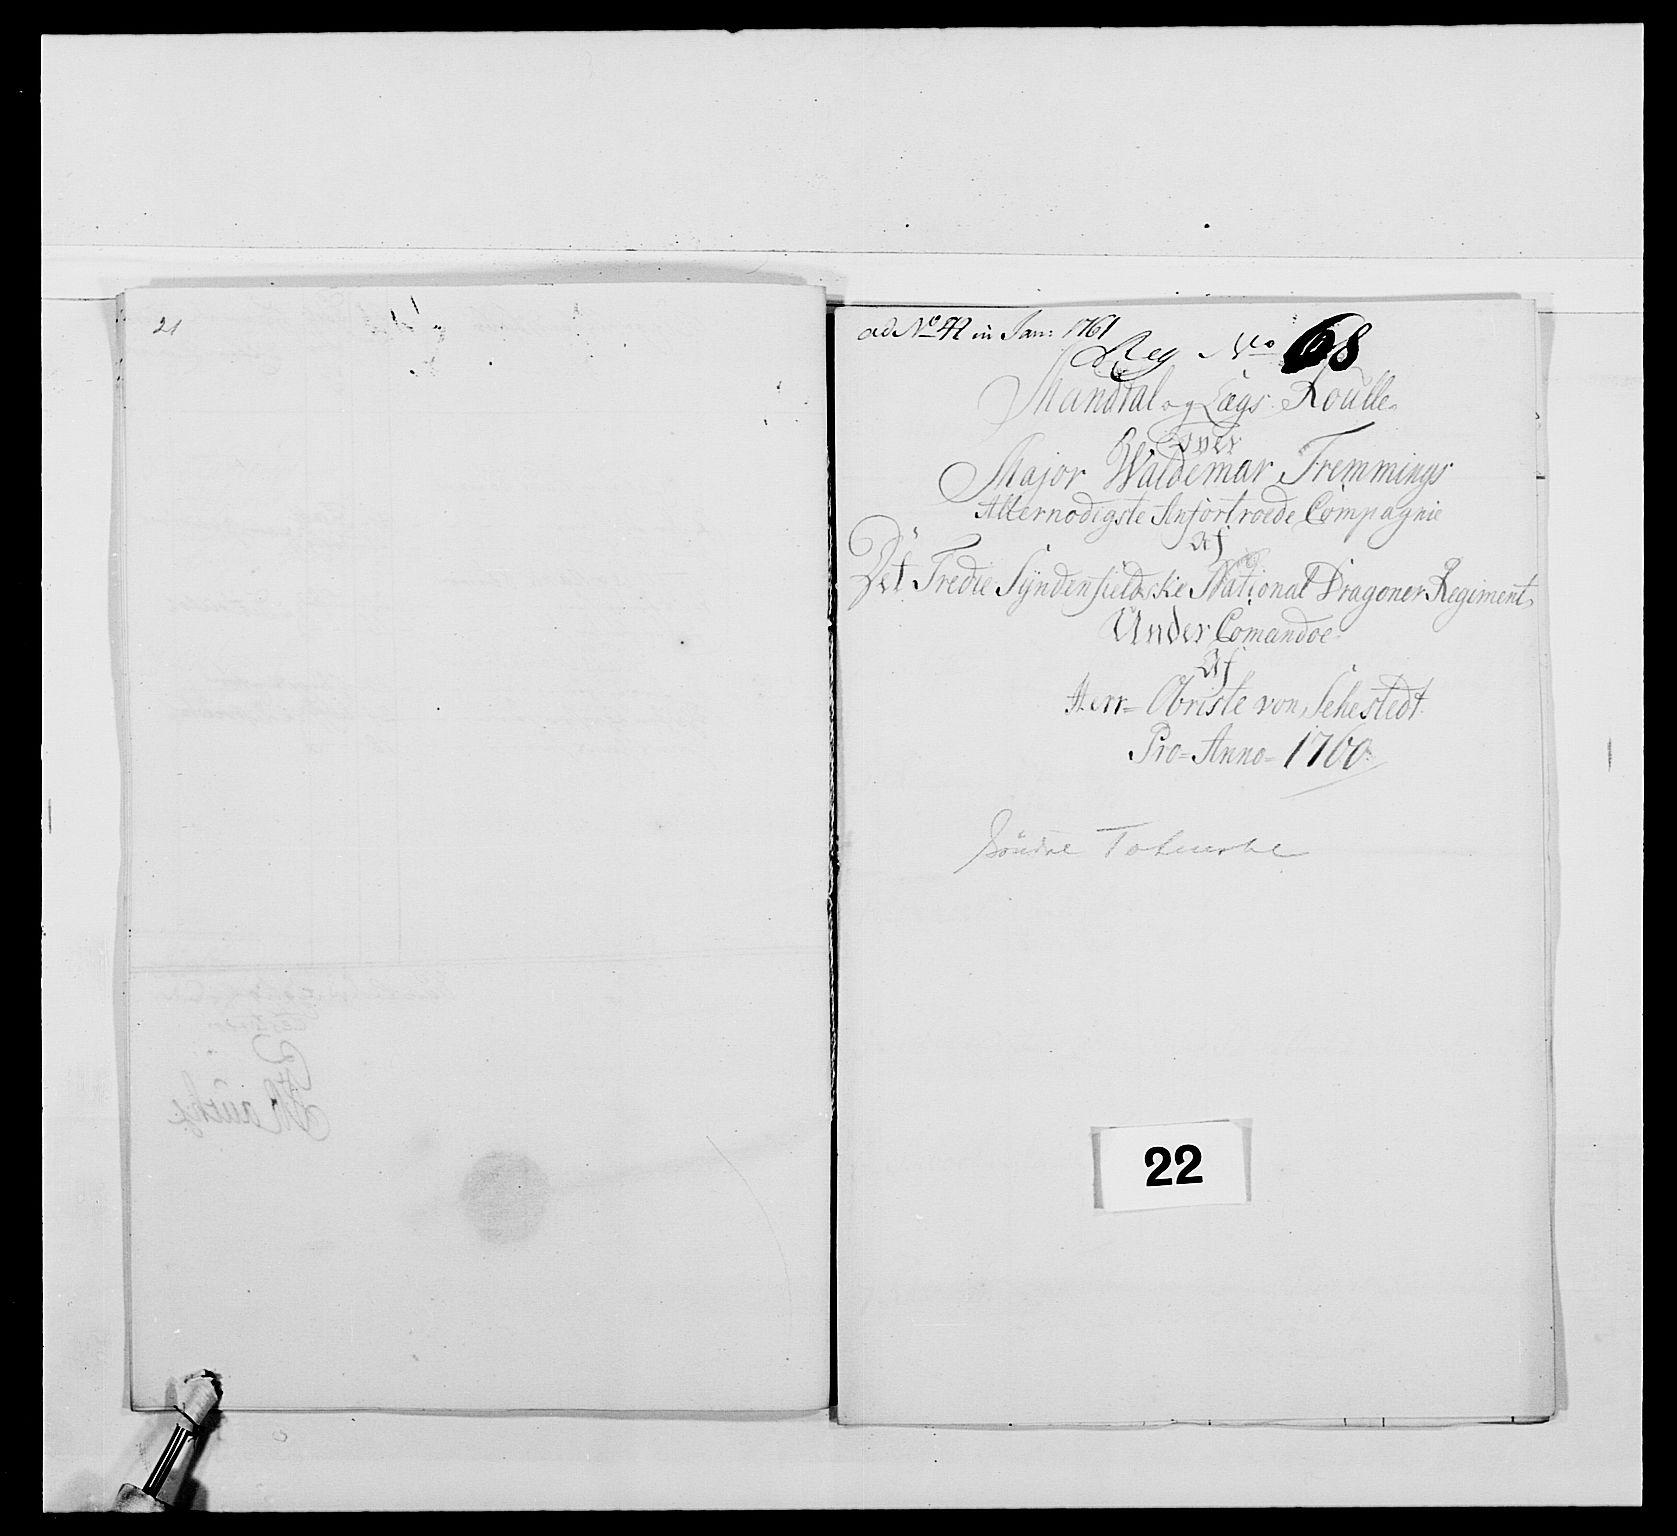 RA, Kommanderende general (KG I) med Det norske krigsdirektorium, E/Ea/L0479: 3. Sønnafjelske dragonregiment, 1756-1760, s. 412